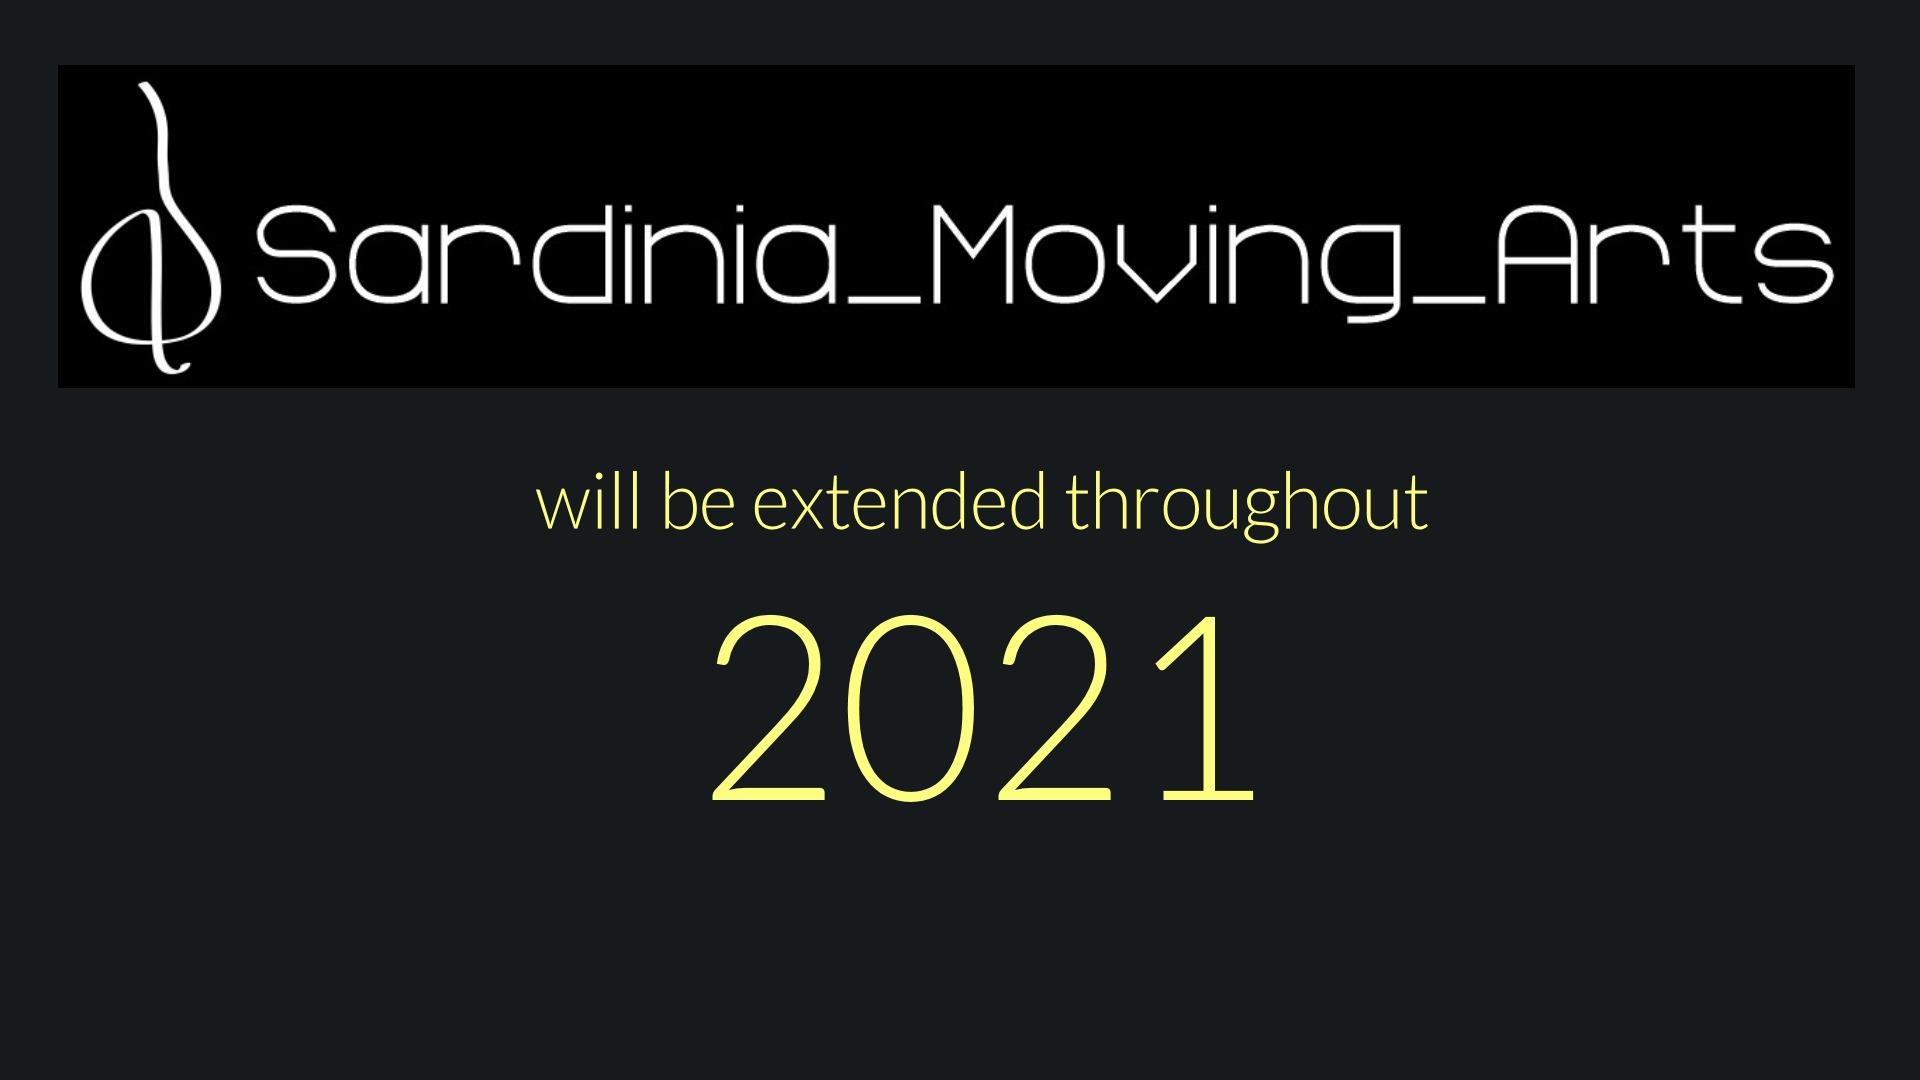 sardinia-moving-arts-2020-2021